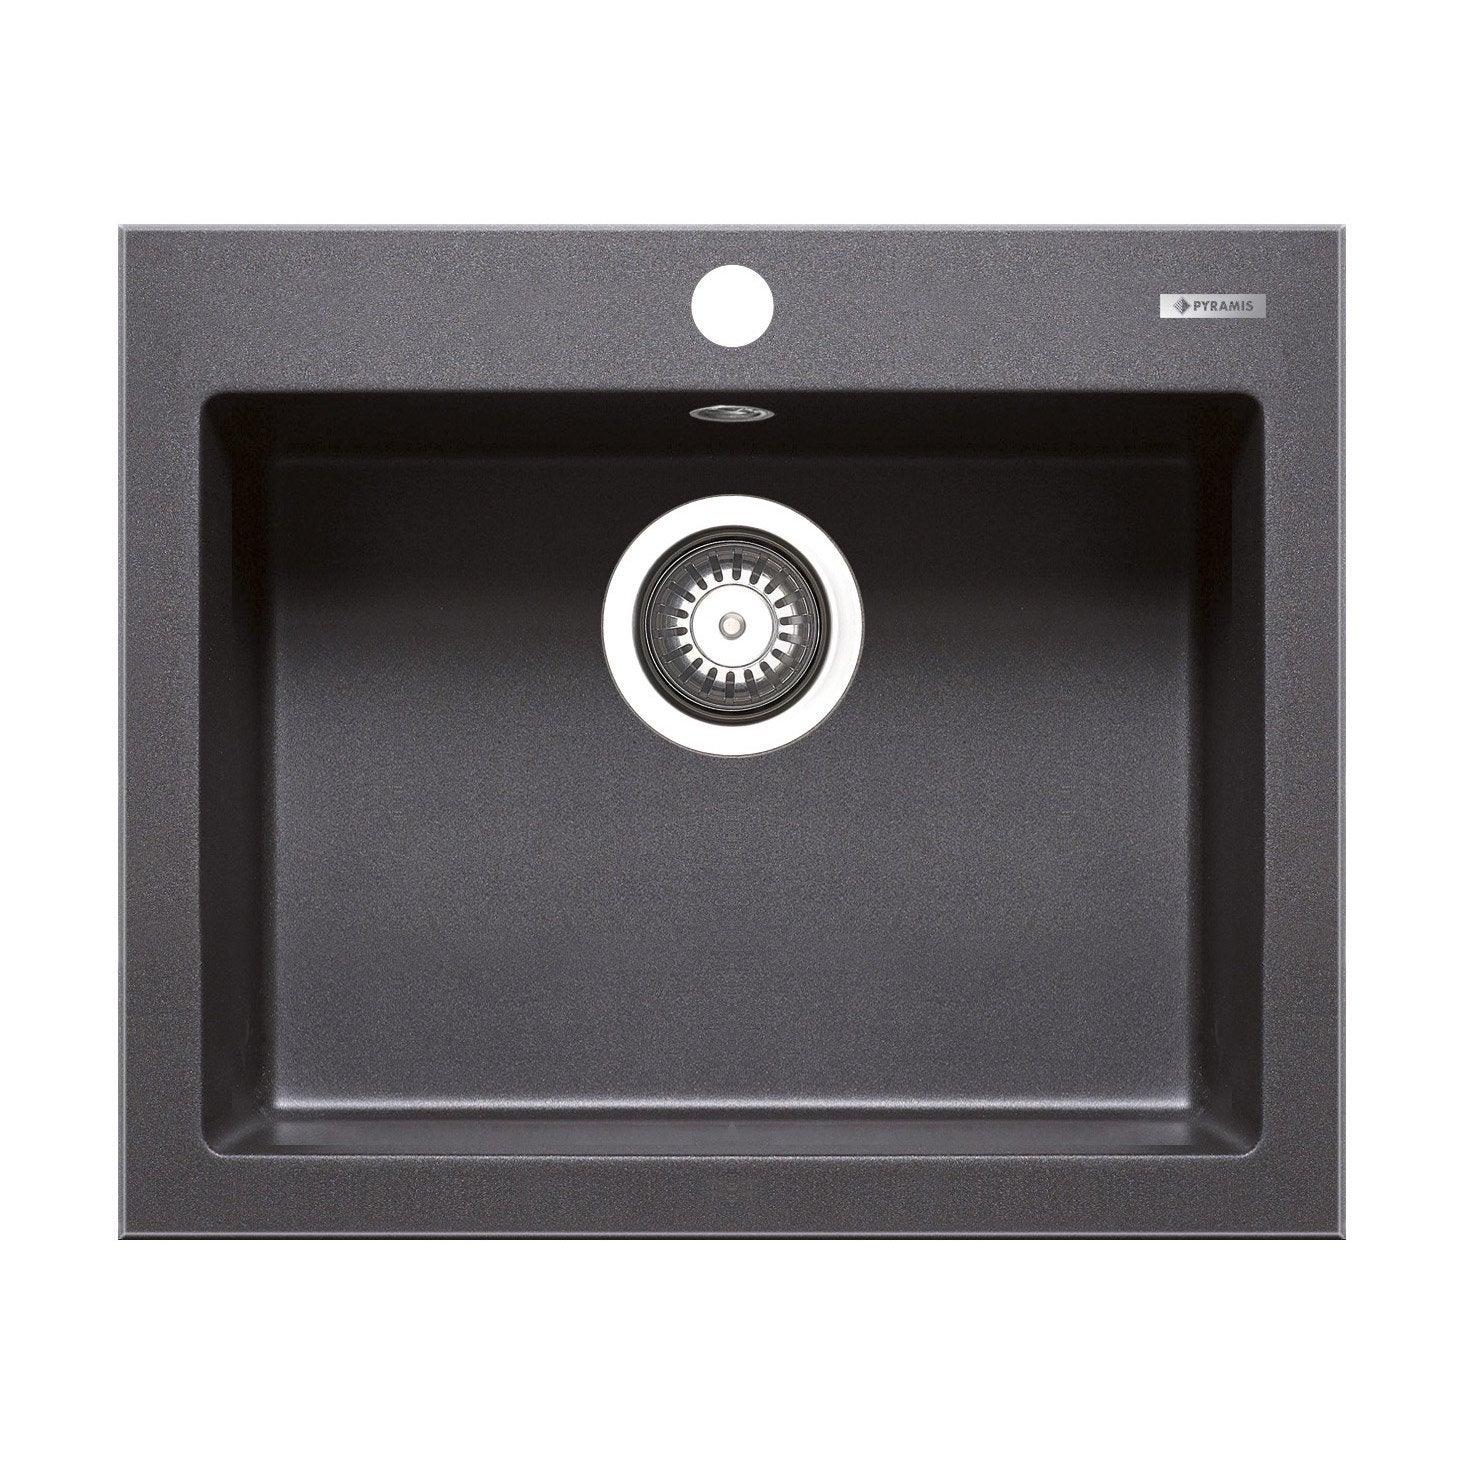 evier encastrer granit et r sine noir tetragon 1 cuve leroy merlin. Black Bedroom Furniture Sets. Home Design Ideas